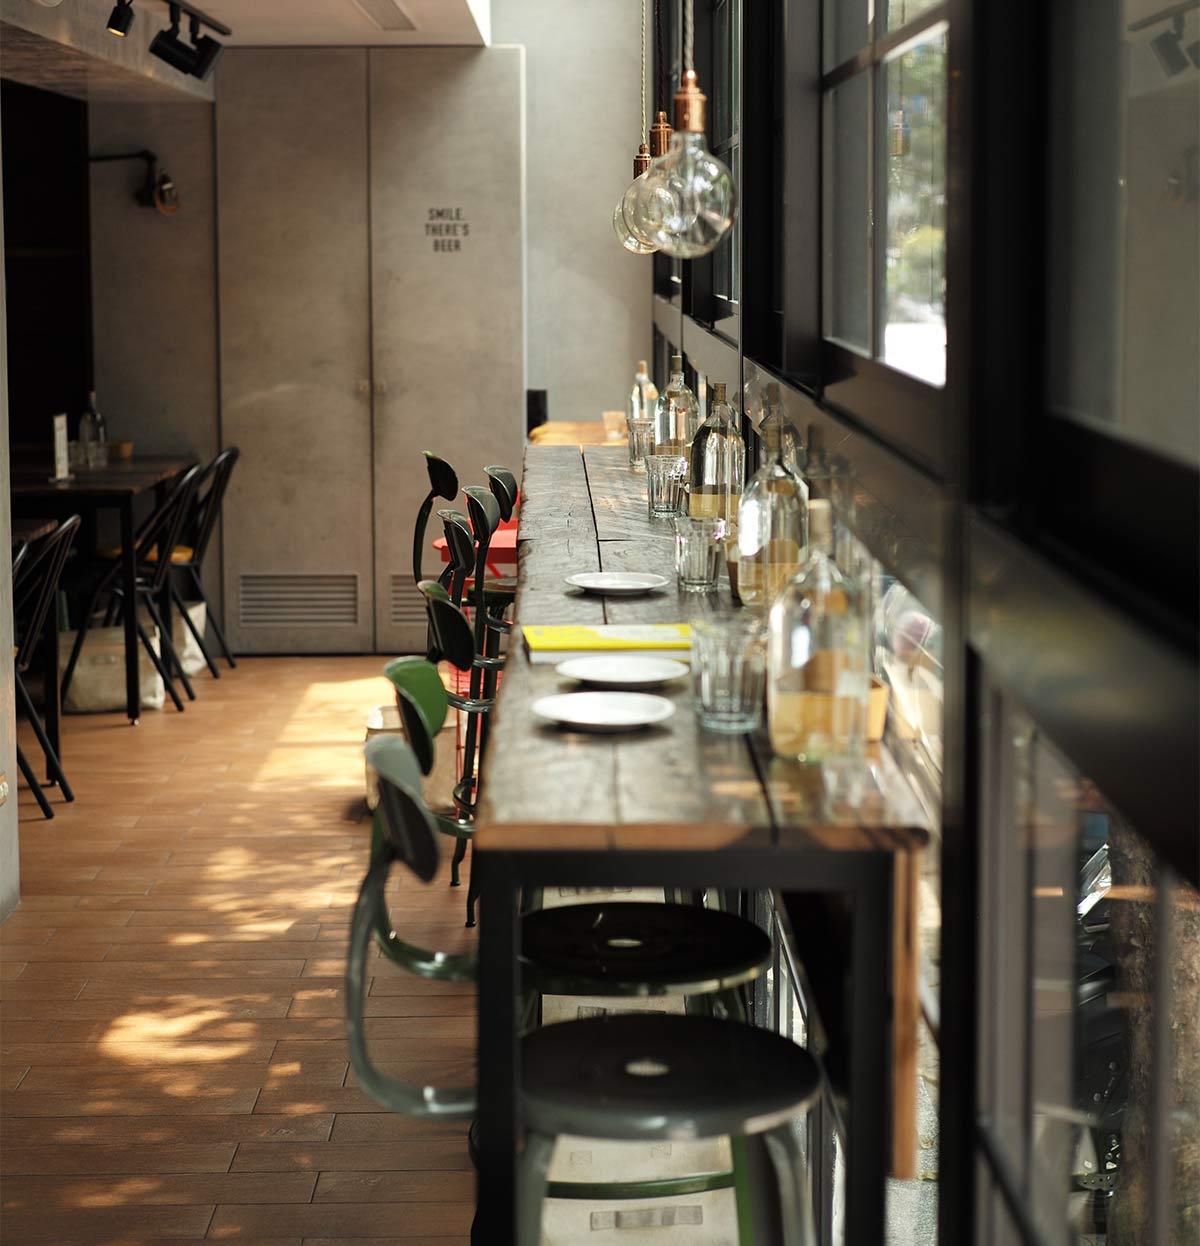 Arredare ristorante rustico i 5 consigli di fornace dei galli for Arredamento ristorante rustico